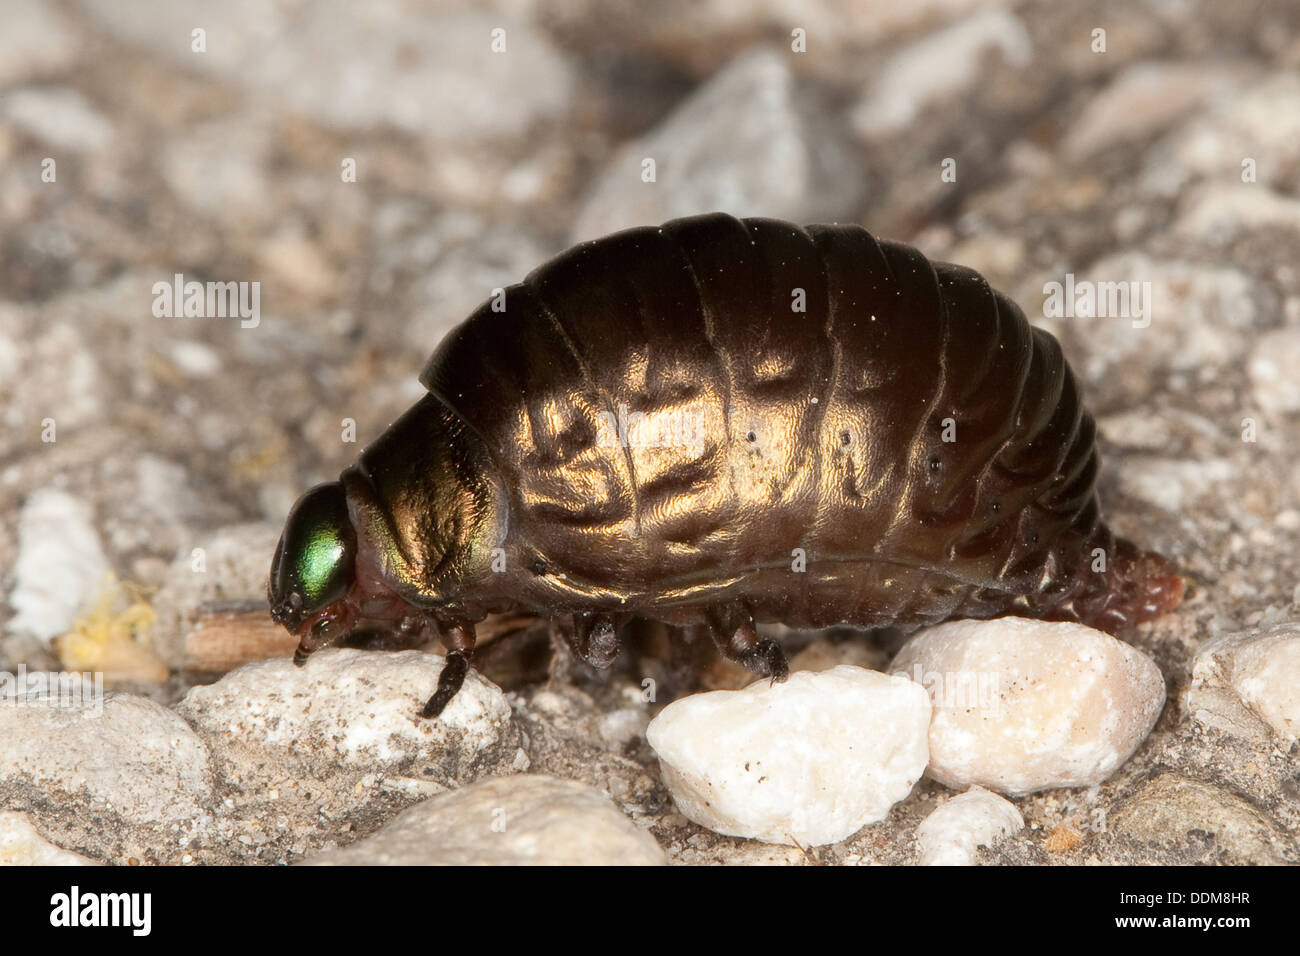 leaf beetle, leafbeetle, larvae, Tatzenkäfer, Tatzen-Käfer, Larve eines Blattkäfer, Timarcha spec., Chrysomelidae, Käferlarve - Stock Image